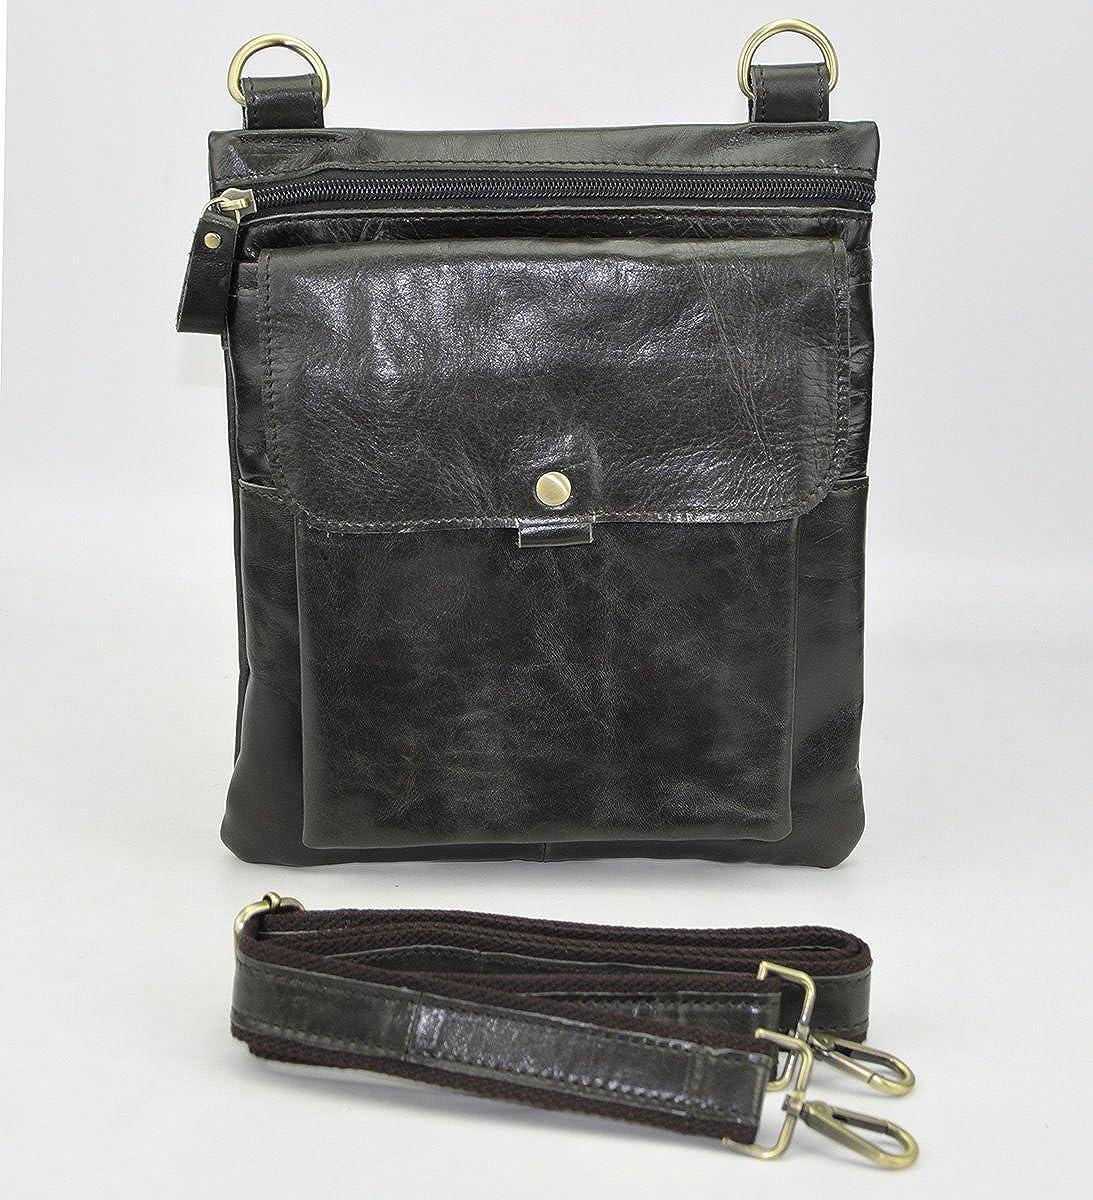 Leaokuu Men Leather Multifunction Fashion Casual Style Sling Messenger Shoulder Bag Designer Waist Belt Pouch Pack